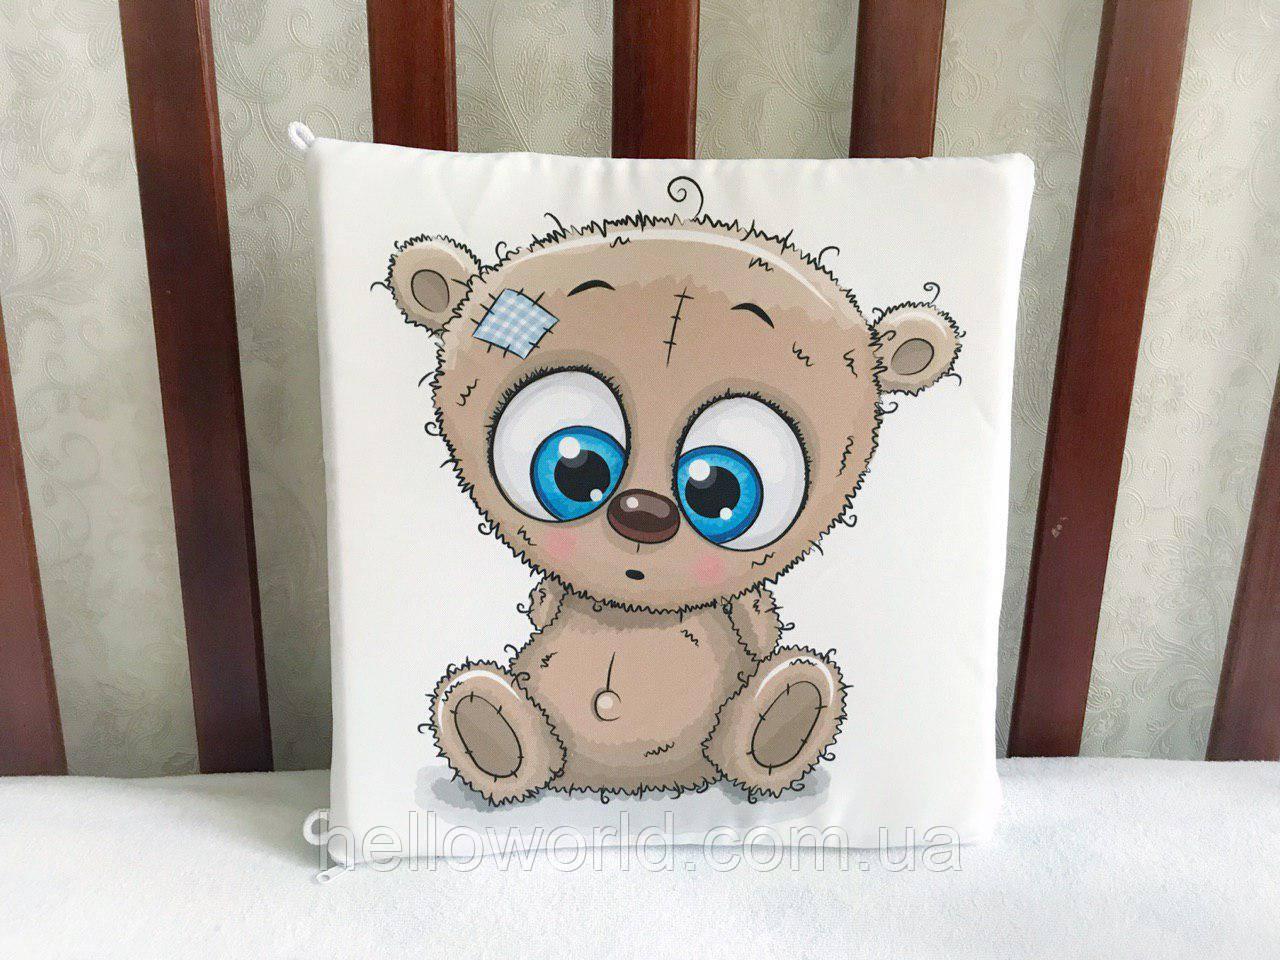 Бортик Бежевый мишка с голубыми удивленными глазами